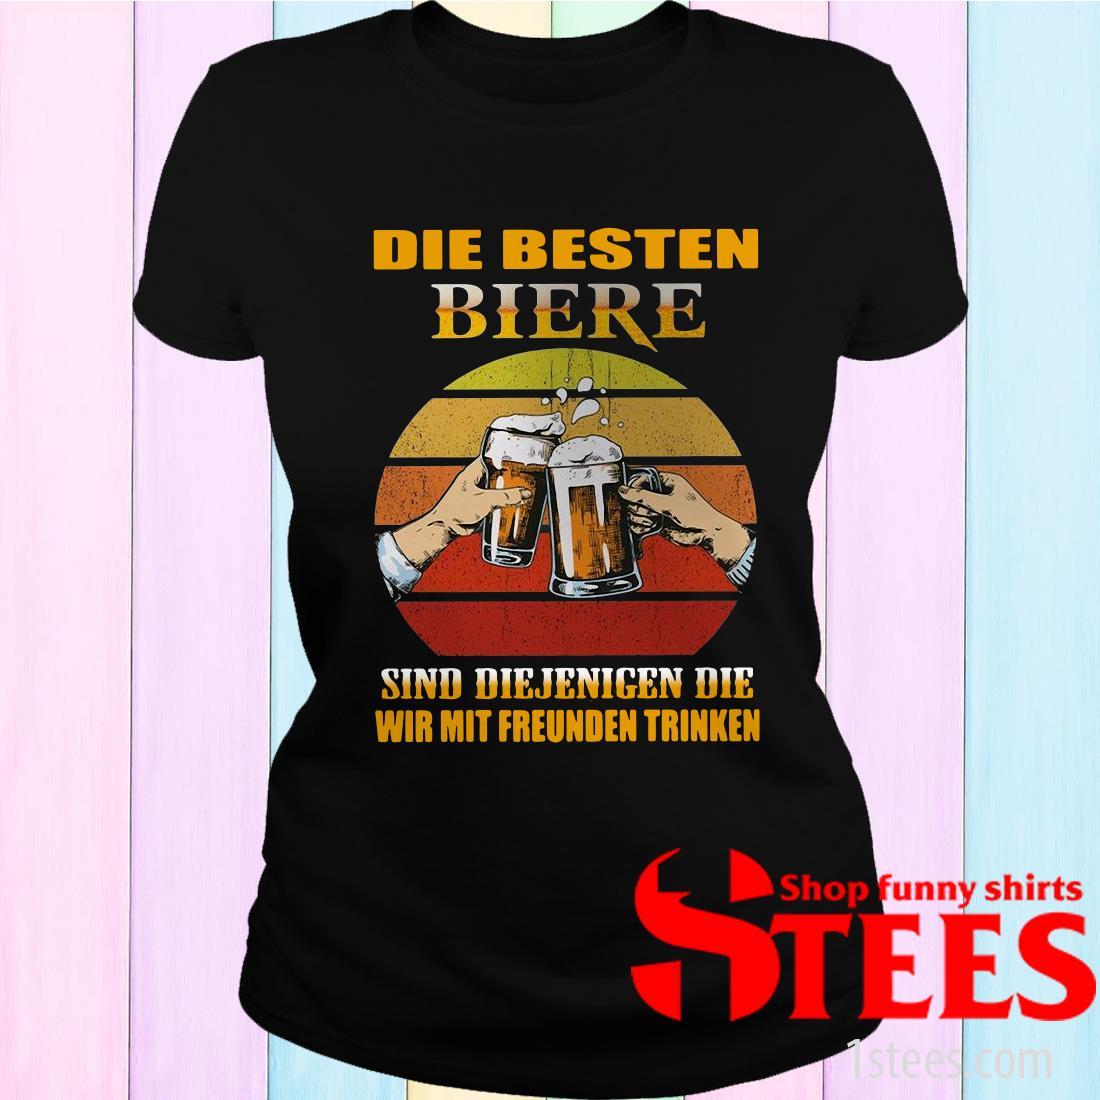 Die Besten Biere Sind Diejenigen Die Wir Mit Freunden Trinken Vintage Women's T-Shirt